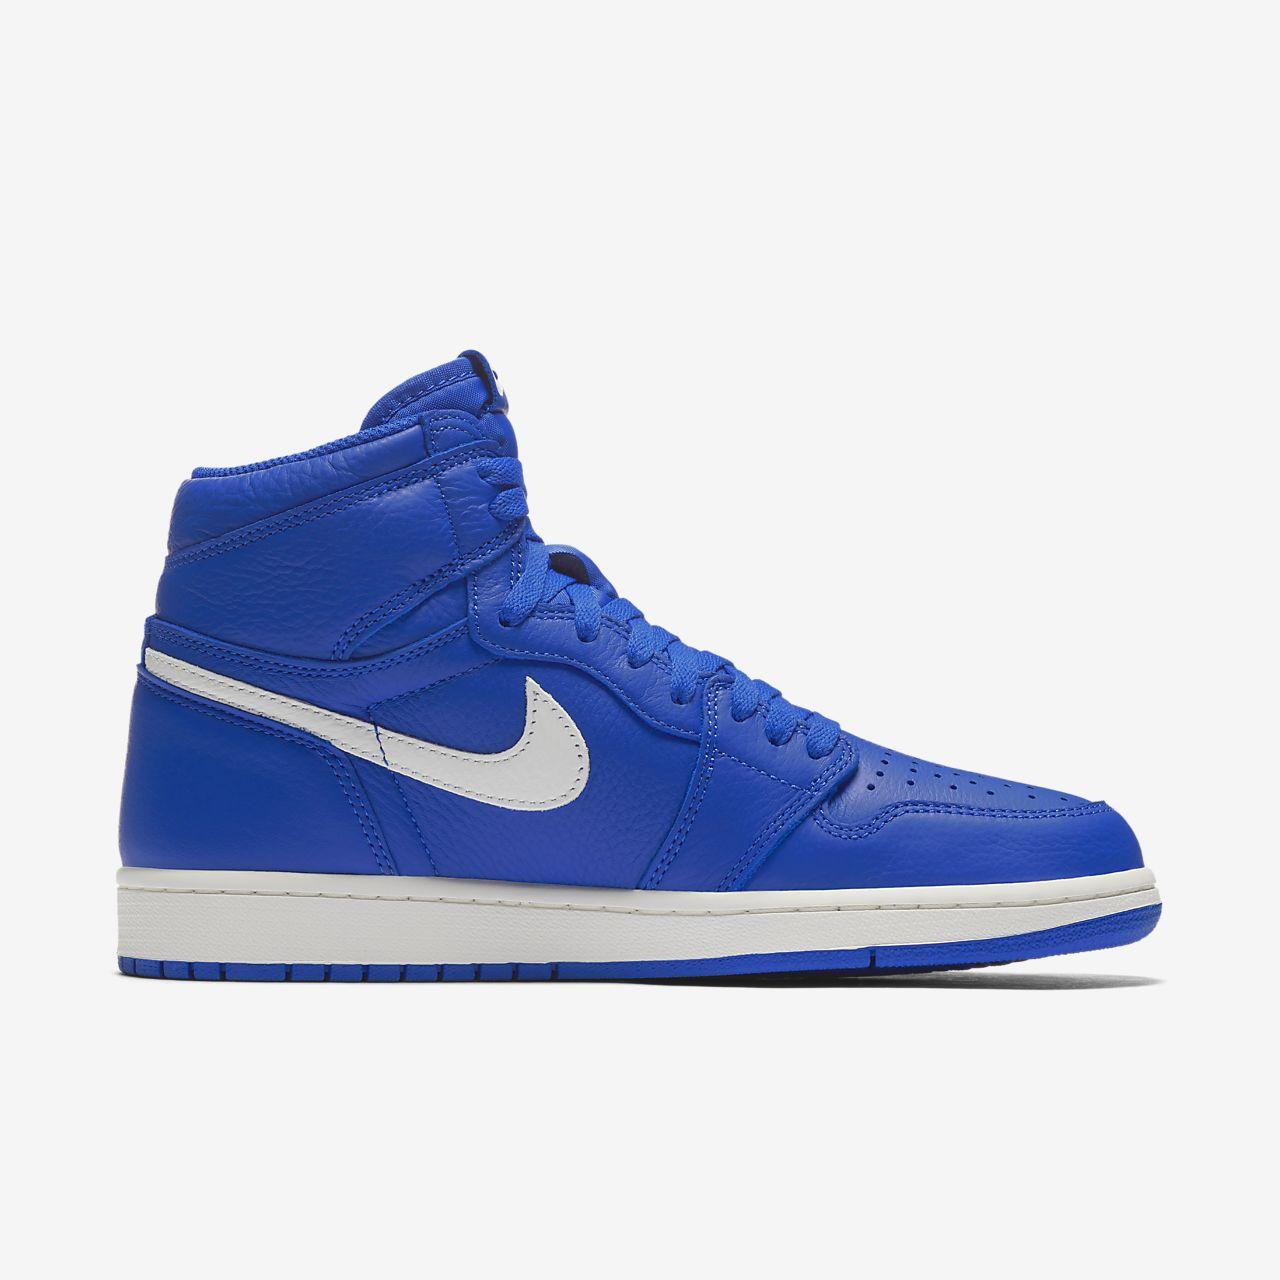 premium selection be810 a2c24 Air Jordan 1 Retro High OG Shoe. Nike.com BE